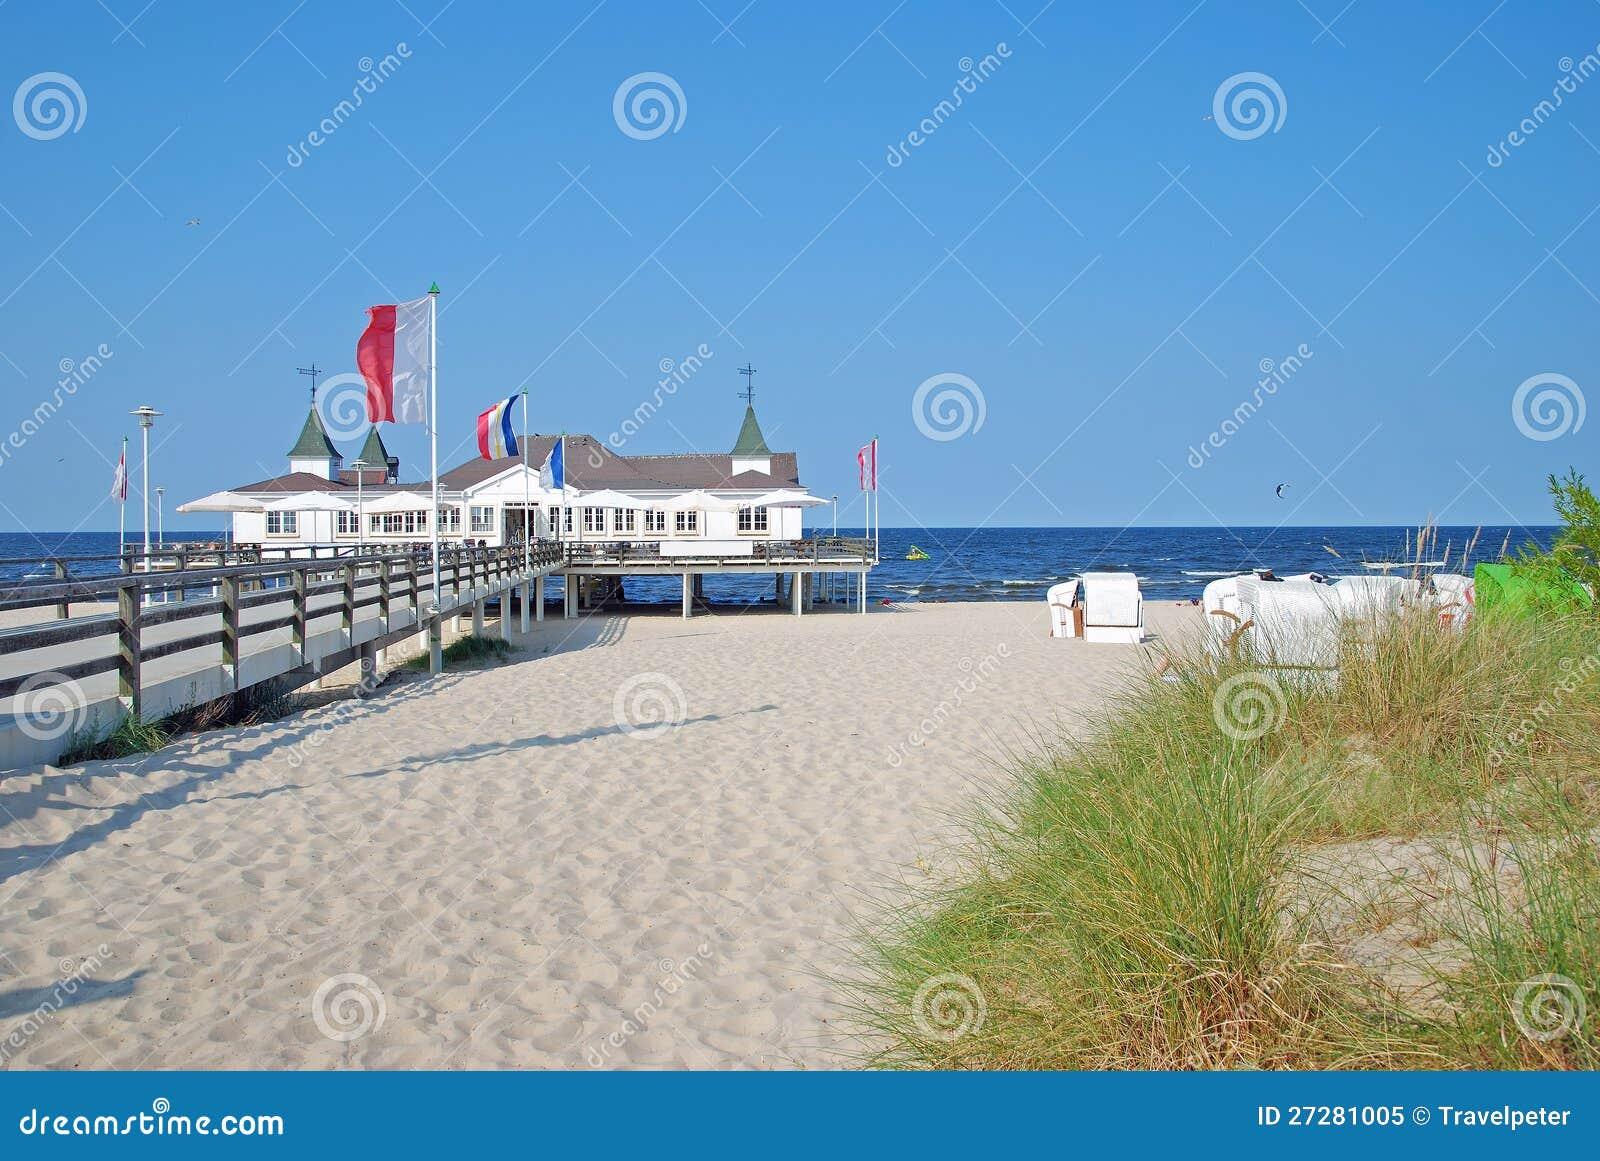 Ahlbeck, usedom wyspa, Morze Bałtyckie, Niemcy